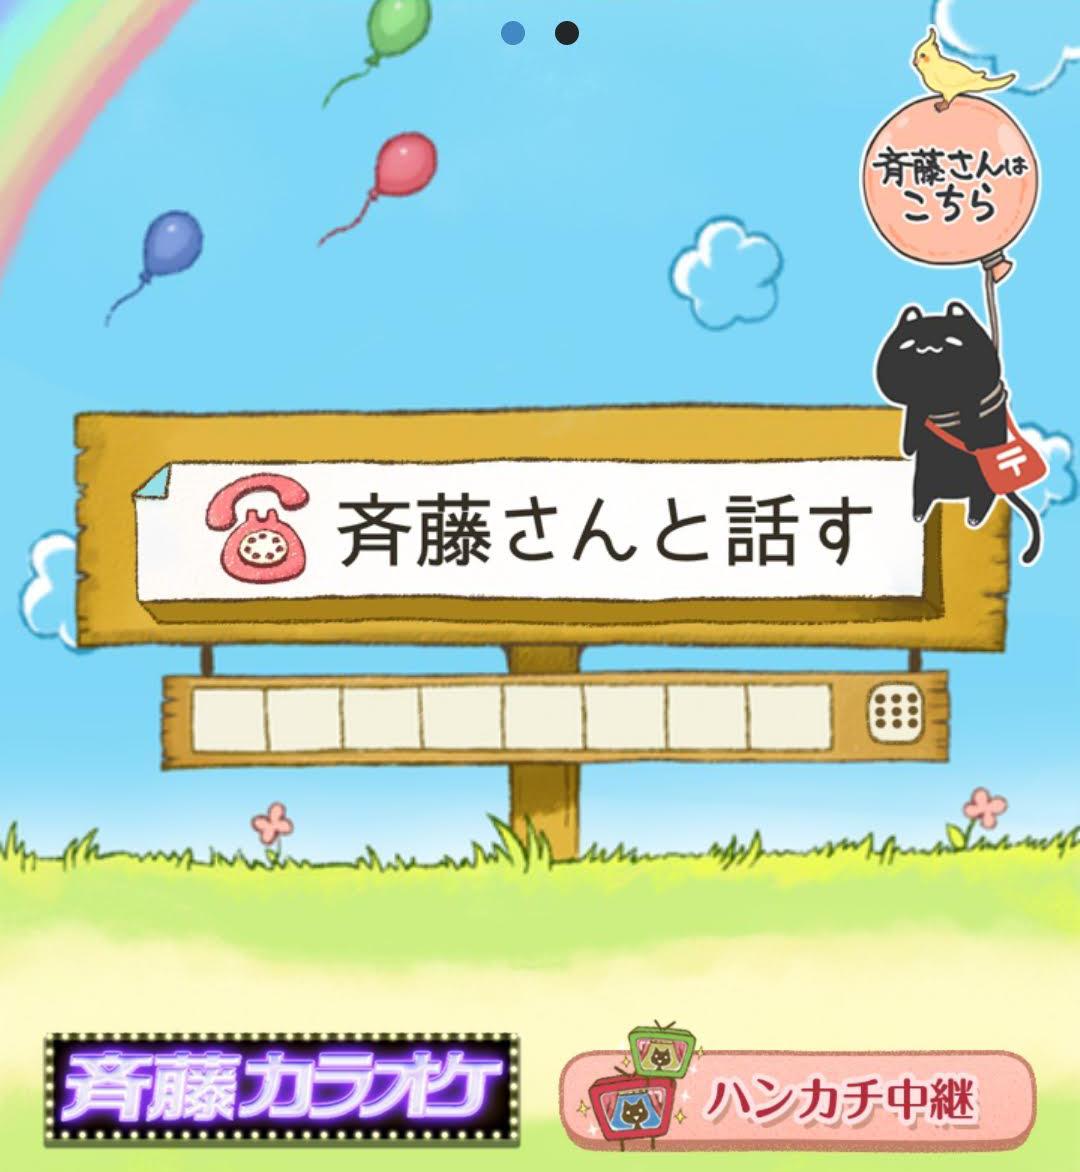 斉藤さんアプリ